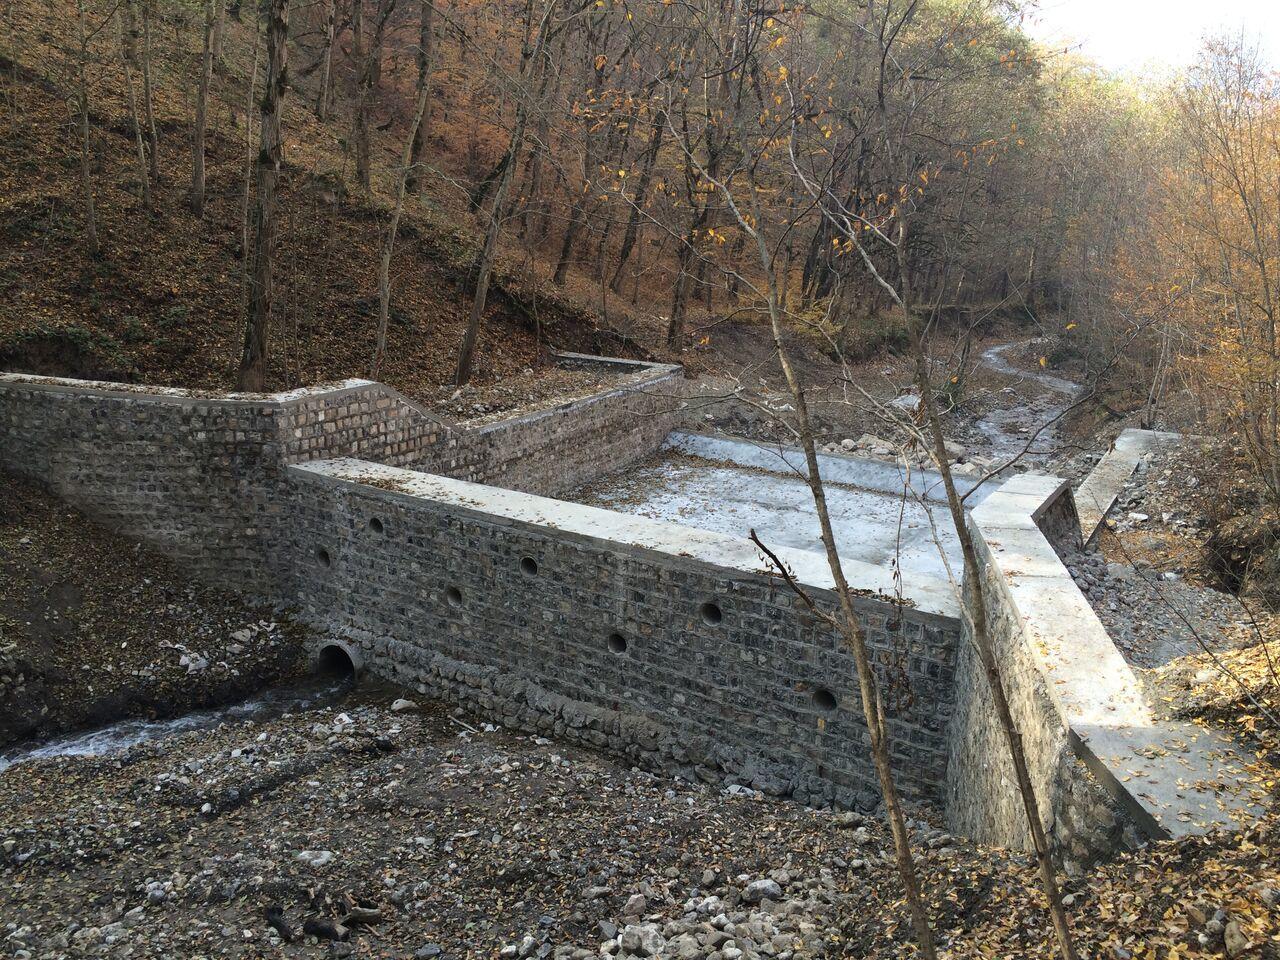 بهرهمندی ۳ هزار و ۶۴۰ خانوار روستایی گلستان از مزایای طرح آبخیزداری